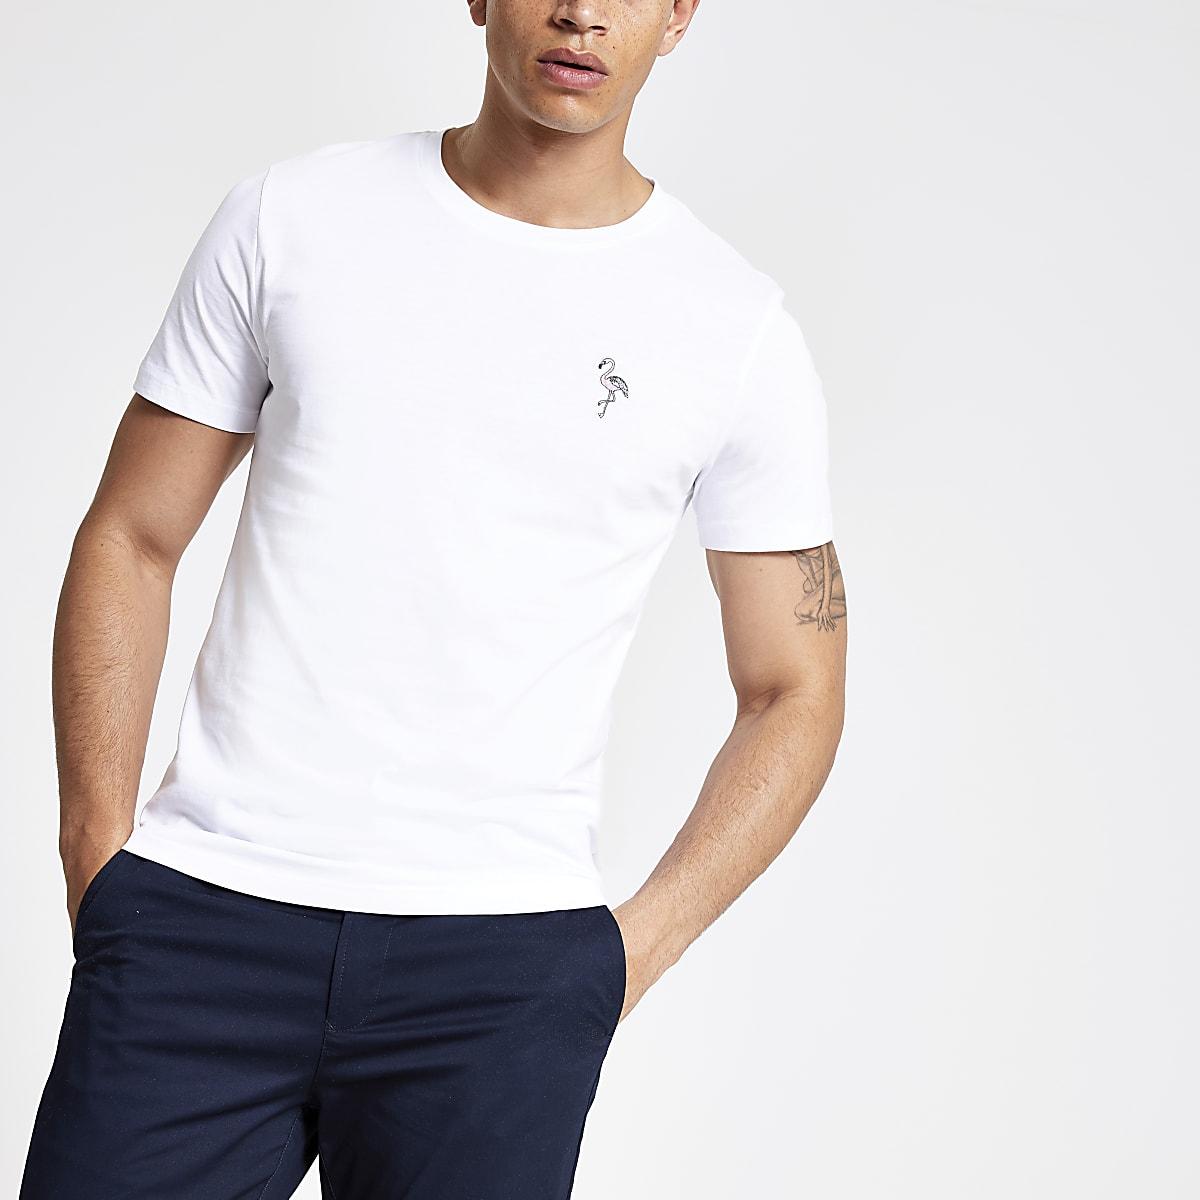 Selected Homme – T-shirt imprimé flamants blanc